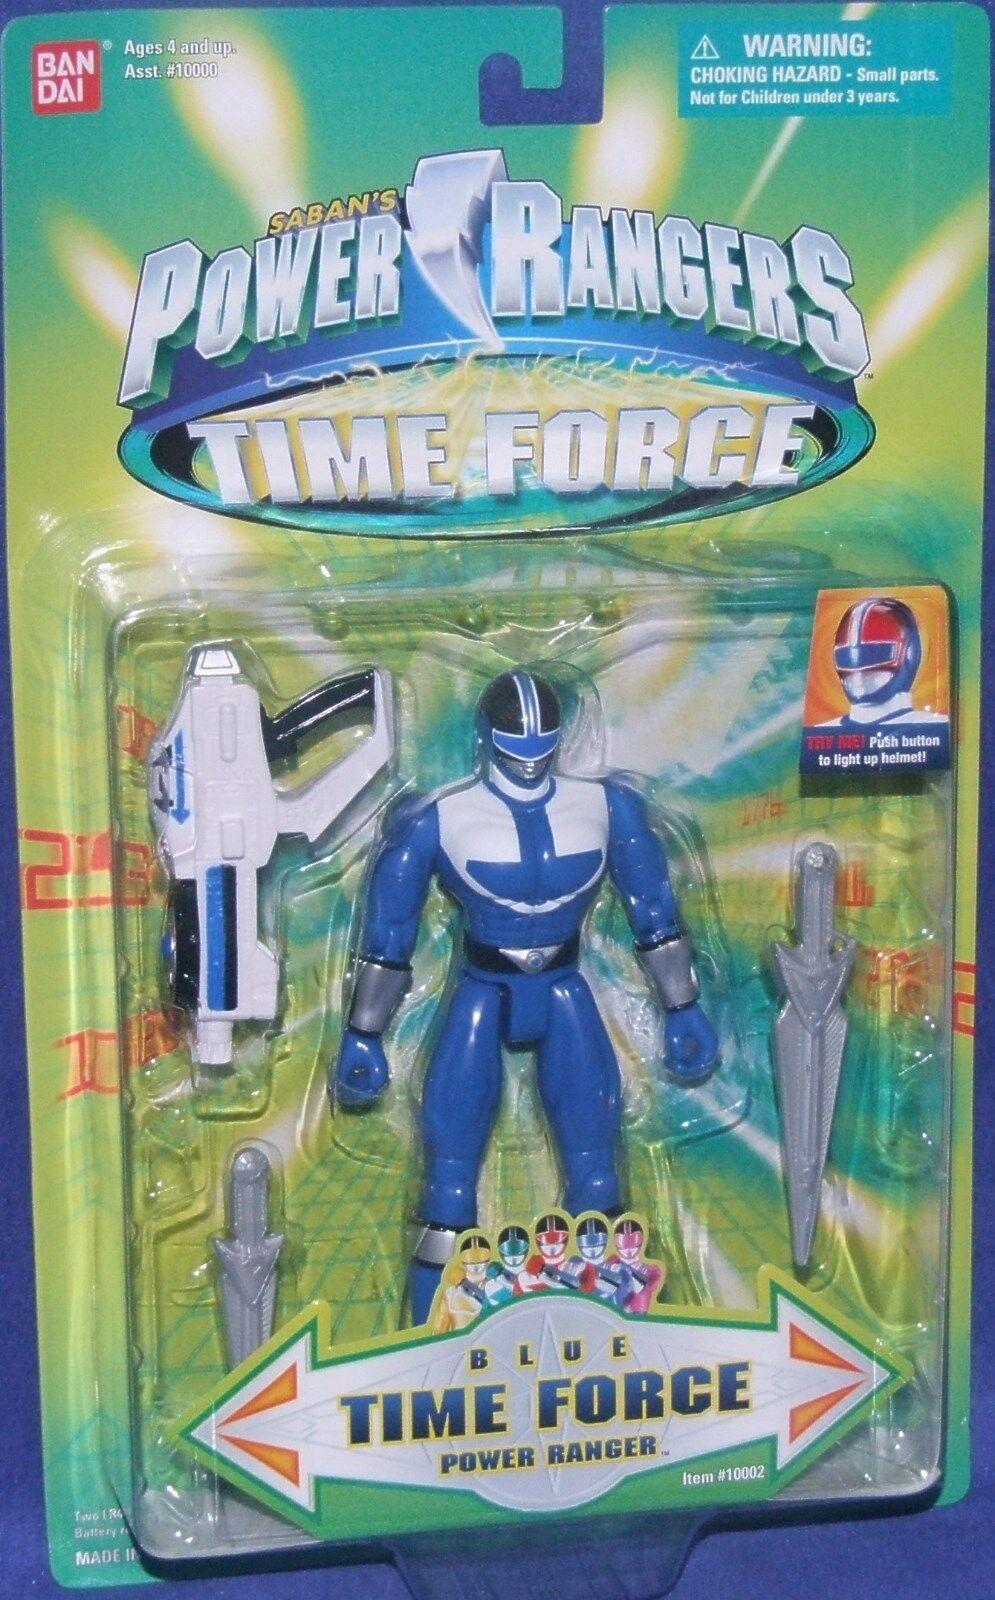 Power Rangers Time Force Blau Ranger New Light up 5